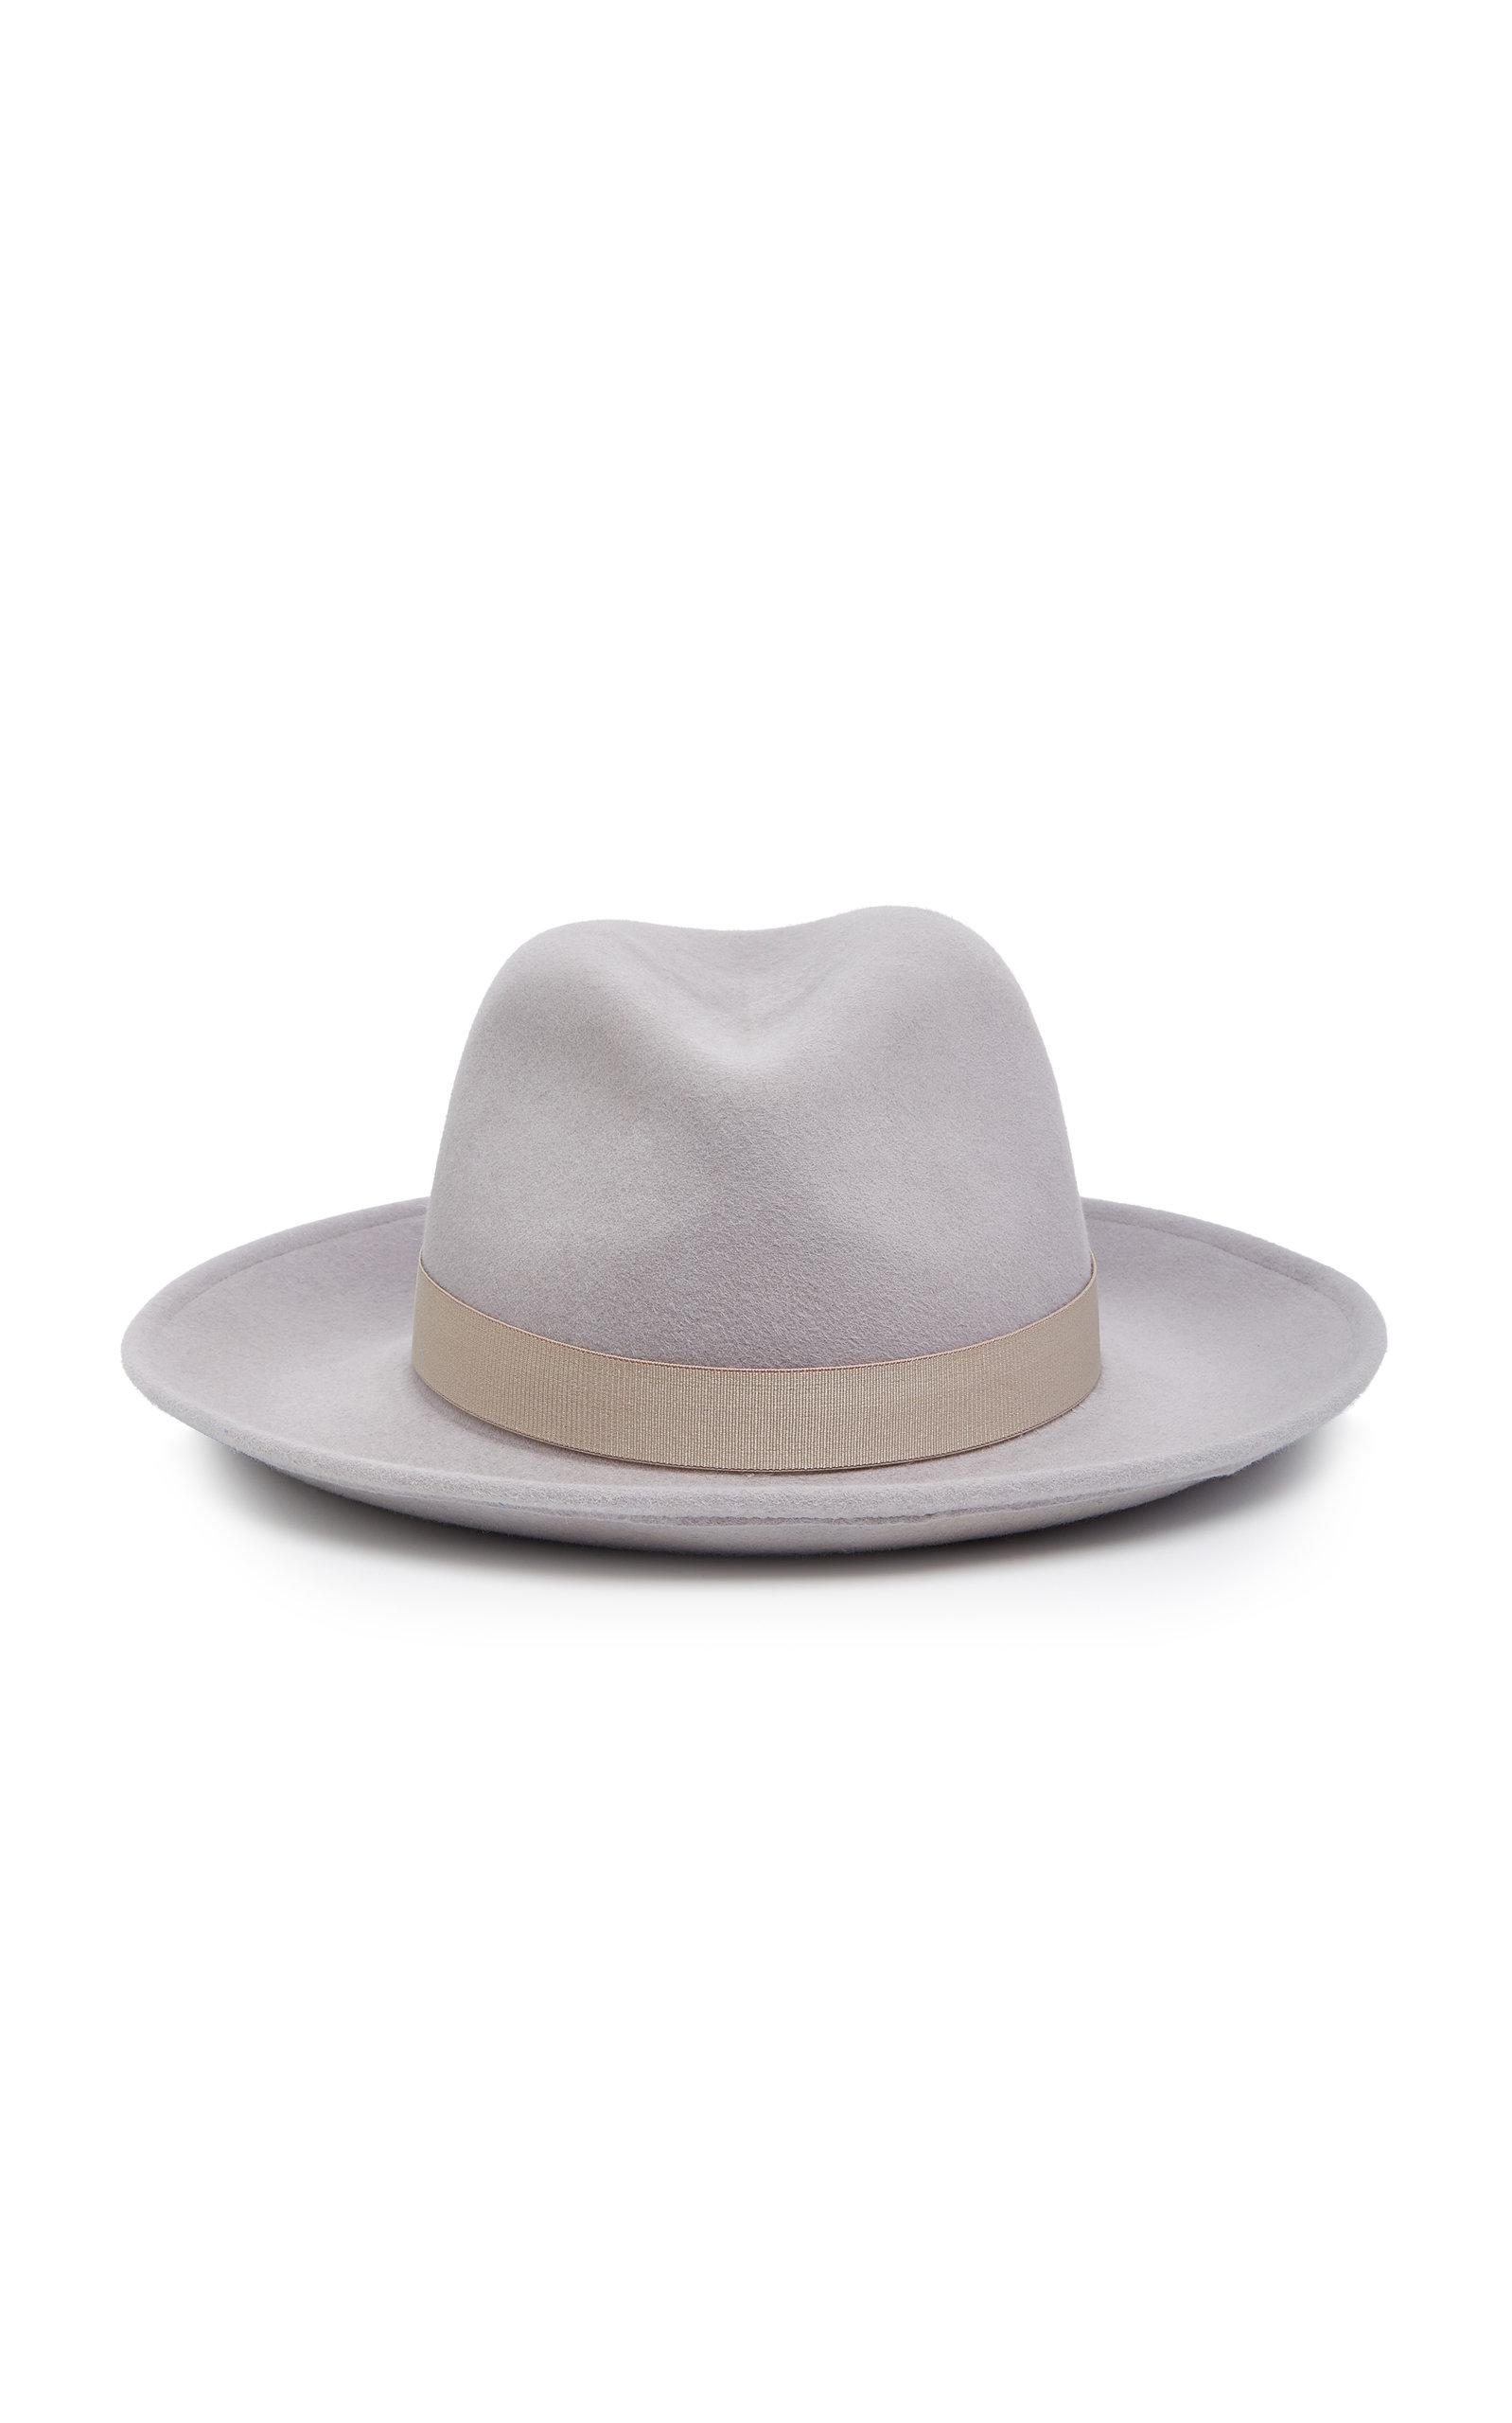 YESTADT MILLINERY Nomad Felt Fedora Hat in Grey